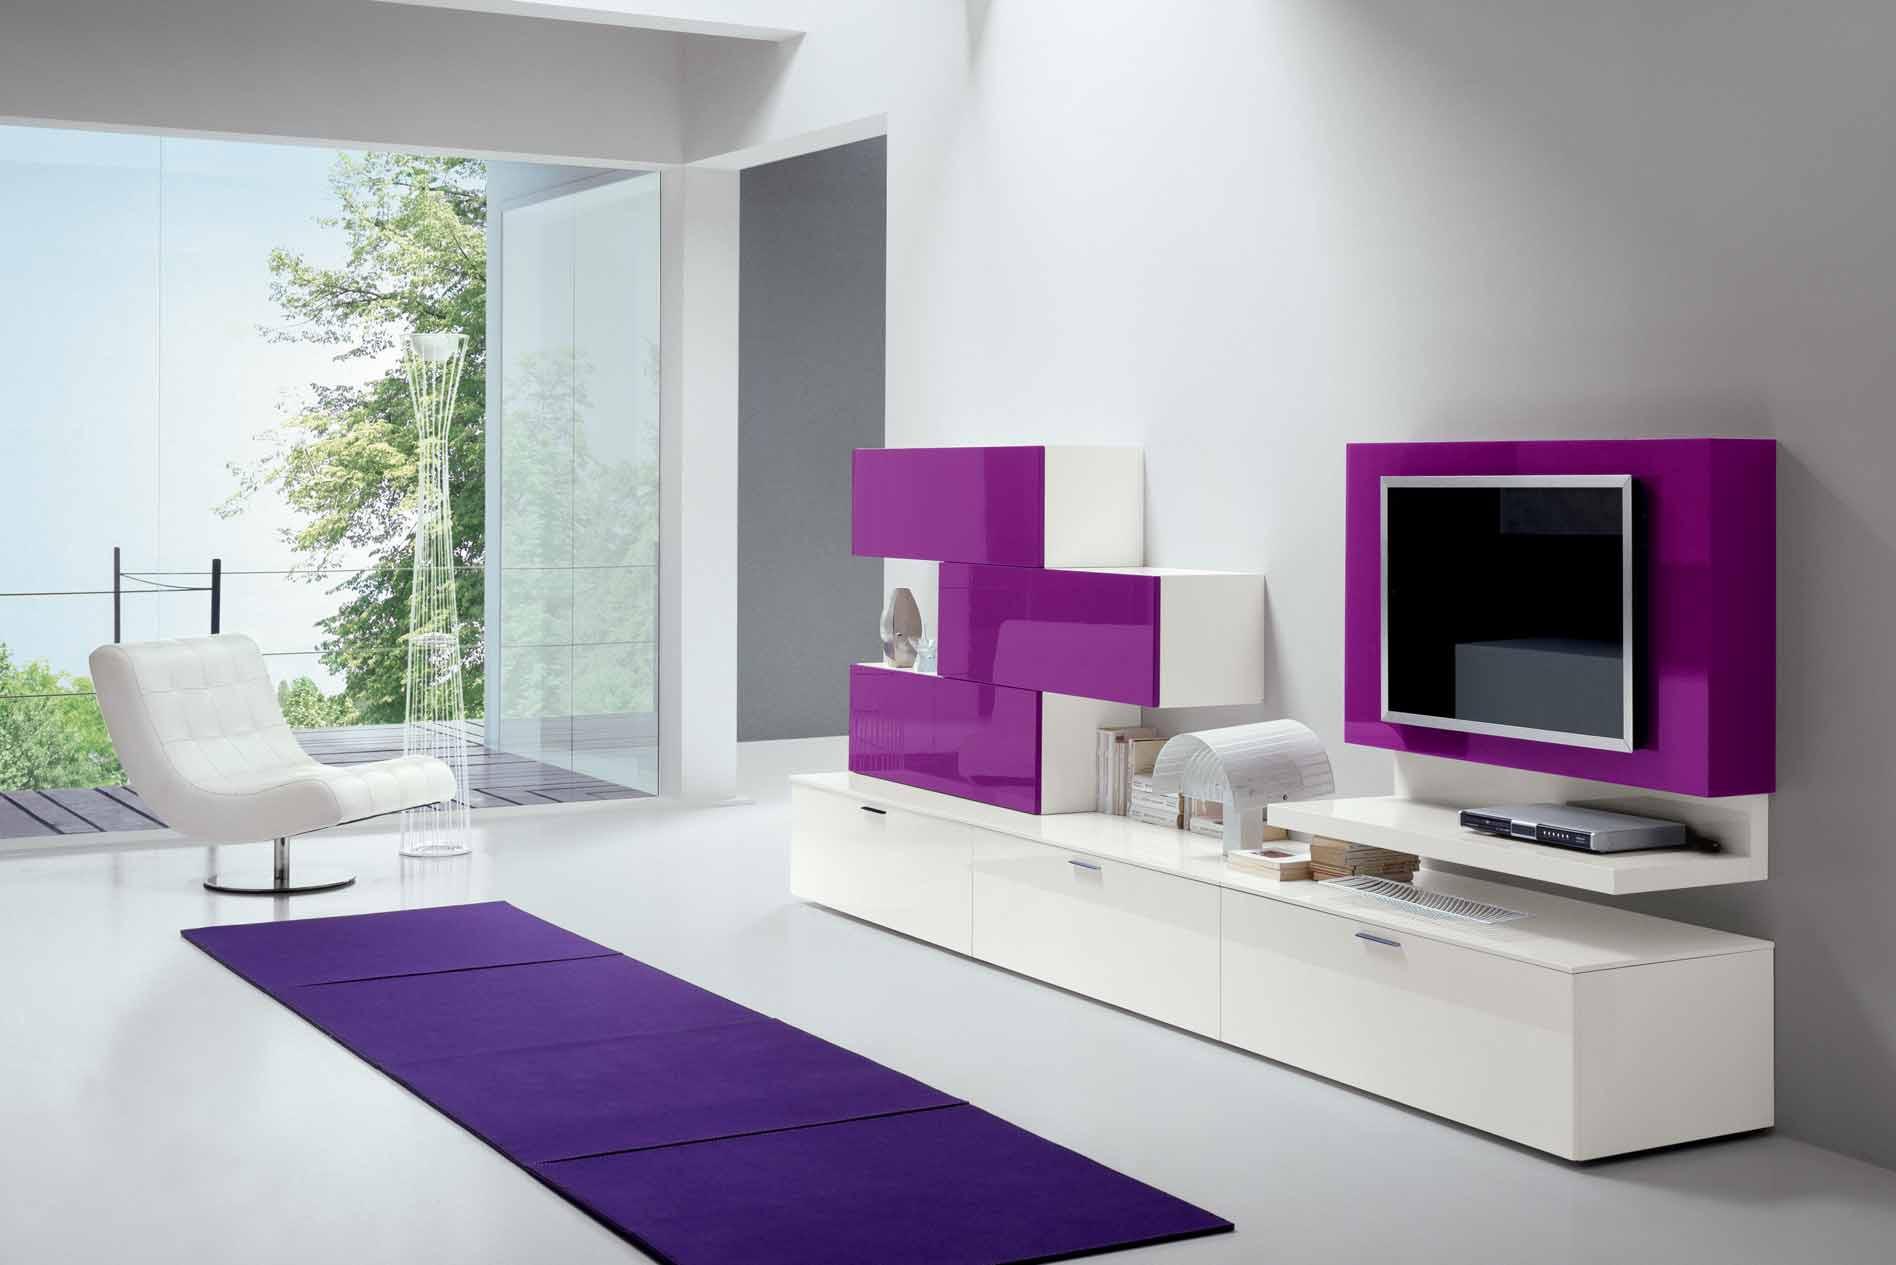 Arredamenti mobili camera da letto soggiorno cucina divani poltrone latina - Grancasa cucine componibili ...